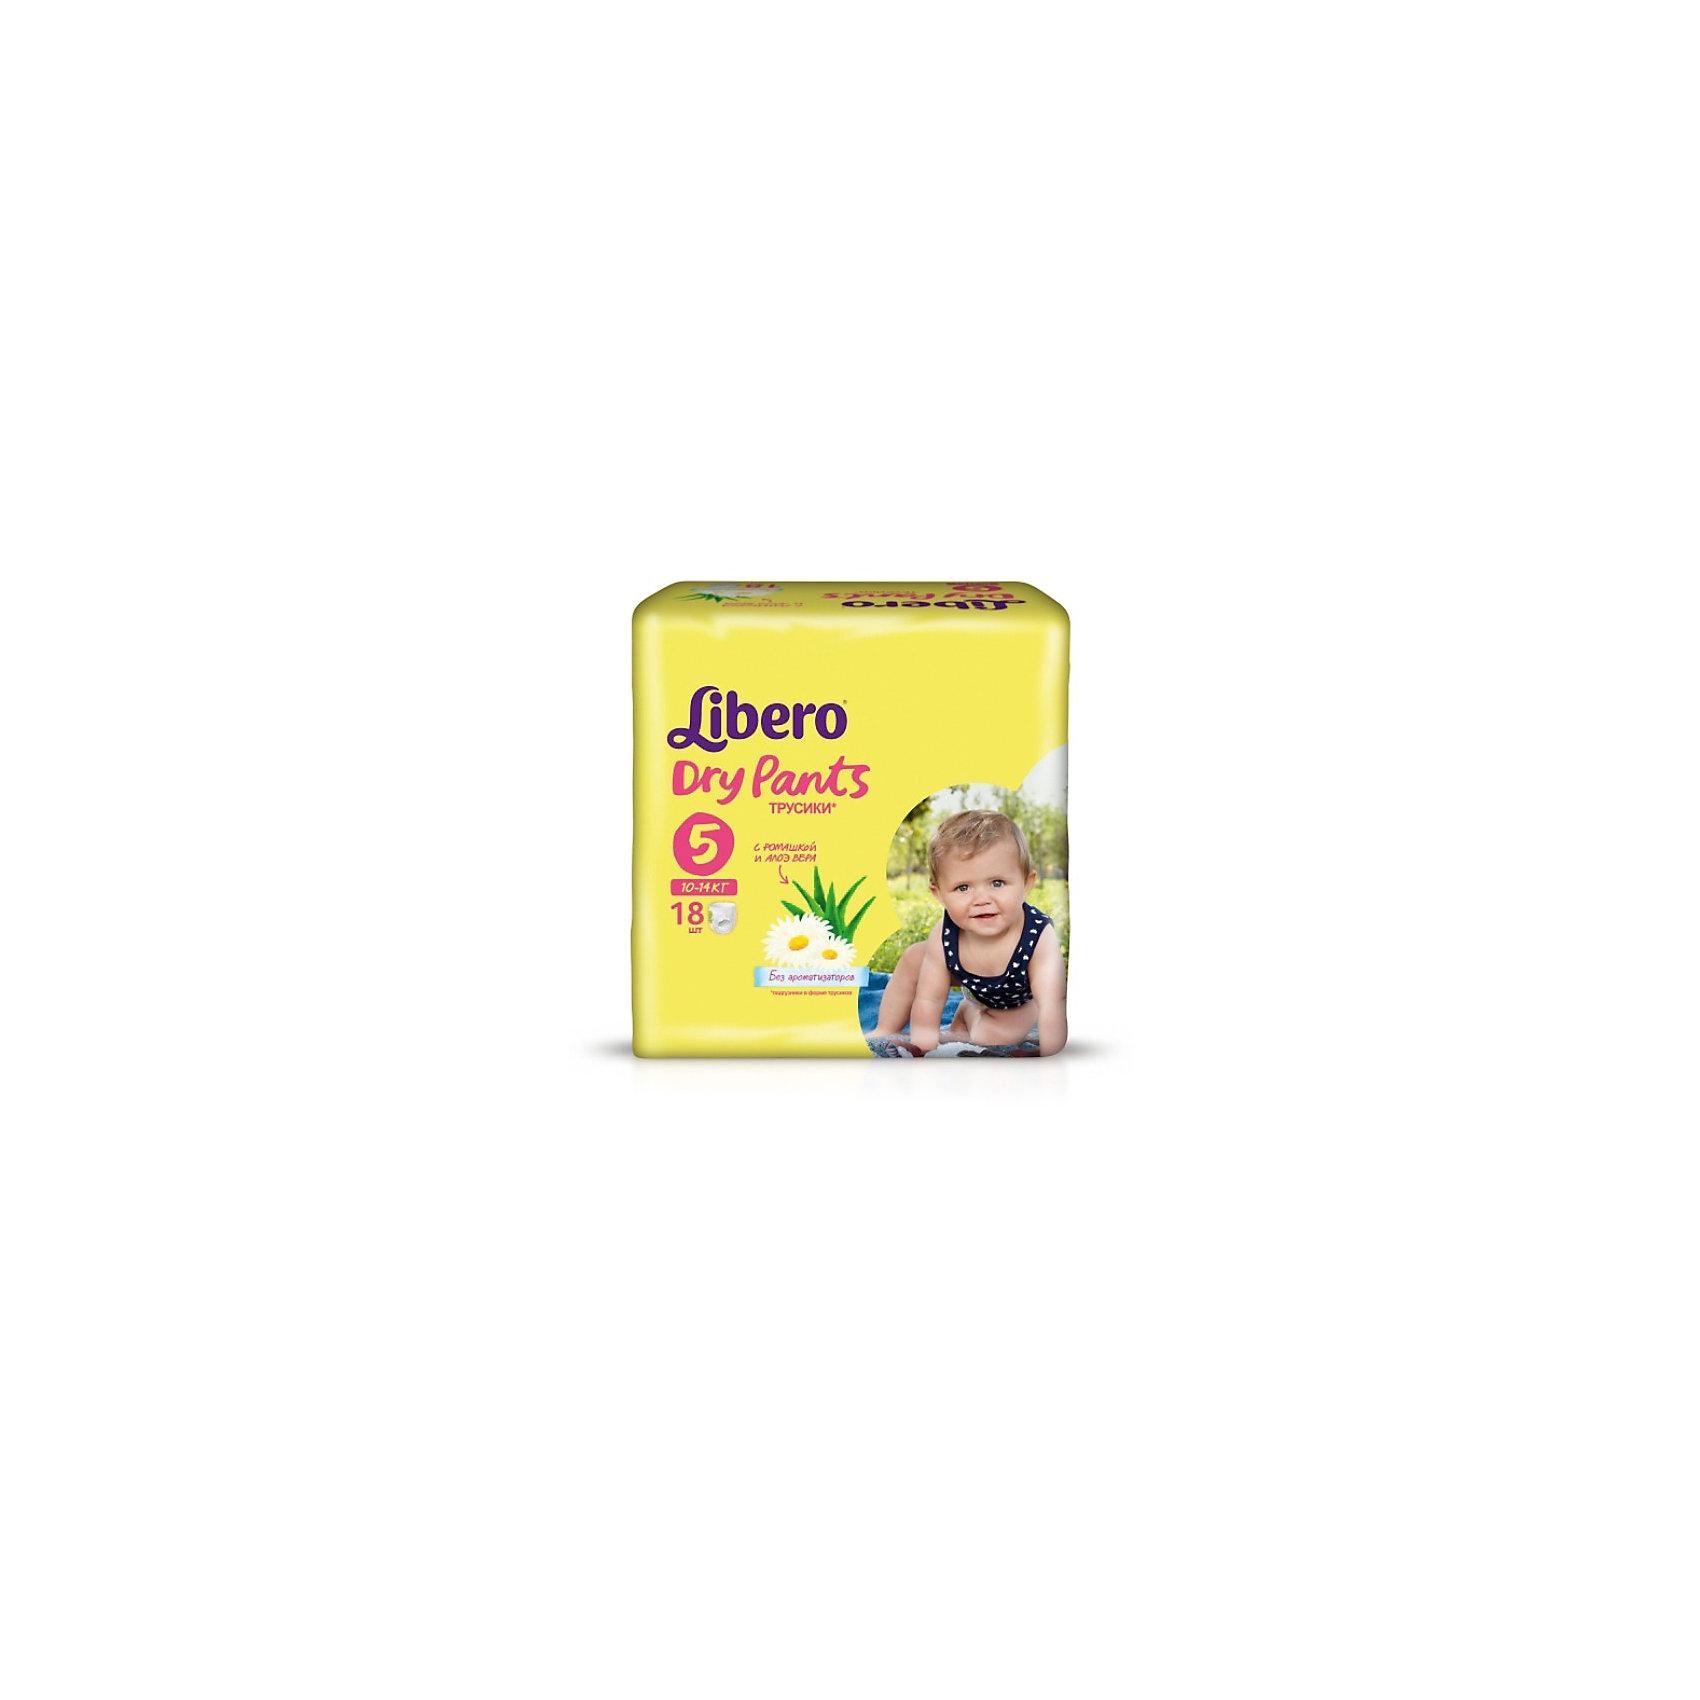 Трусики Libero Dry Pants, Maxi Plus 10-14 кг, 18 шт.Трусики-подгузники Libero Dry Pants (Либеро Драй Пентс) Size 5 (10-14кг), 18 шт.<br><br>Характеристики: <br><br>• легко надевать<br>• мягкие и тонкие трусики<br>• отлично впитывают и удерживают влагу<br>• содержат экстракт ромашки<br>• тянущийся поясок из дышащих материалов<br>• барьеры вокруг ножек защищают от протекания<br>• не сковывают движений<br>• легко снимать и сворачивать<br>• размер: 5 (10-14 кг)<br>• количество в упаковке: 18 шт.<br><br>Если ваш малыш не любит спокойно ждать пока вы его переоденете, то трусики-подгузники Libero Dry Pants станут для вас прекрасным решением. Они легко надеваются, как обычное белье и также легко снимаются при разрывании боковых швов. Трусики очень мягкие и тонкие, при этом они отлично впитывают и удерживают влагу, не стесняя движений крохи. Экстракт ромашки и алоэ успокоит нежную кожу малыша. Высокие барьеры и эластичный поясок препятствуют протеканию.  После использования вы легко сможете свернуть трусики и заклеить из специальной клейкой лентой. Яркая упаковка и привлекательный дизайн превратят процесс переодевания в веселую игру!<br><br>Трусики-подгузники Libero Dry Pants Size 5 (10-14кг), 18 шт. вы можете купить в нашем интернет-магазине.<br><br>Ширина мм: 147<br>Глубина мм: 195<br>Высота мм: 185<br>Вес г: 662<br>Возраст от месяцев: 6<br>Возраст до месяцев: 36<br>Пол: Унисекс<br>Возраст: Детский<br>SKU: 3517629